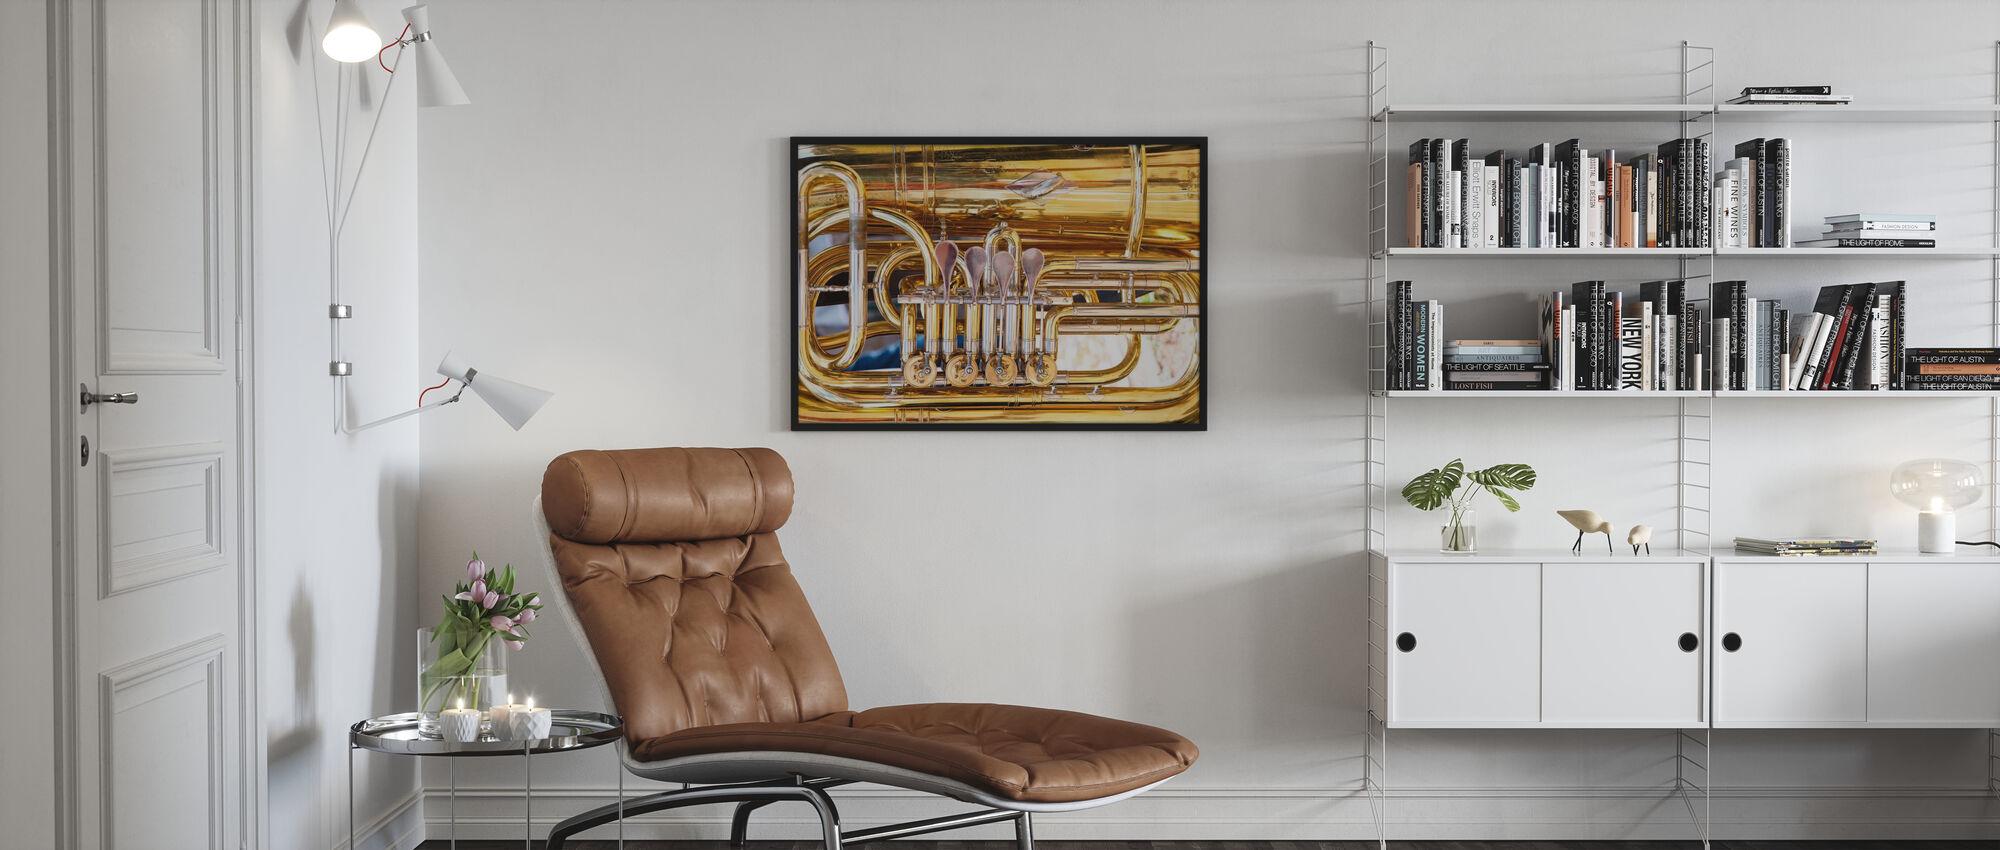 Messinkiäänitorven venttiili - Tuuba - Kehystetty kuva - Olohuone